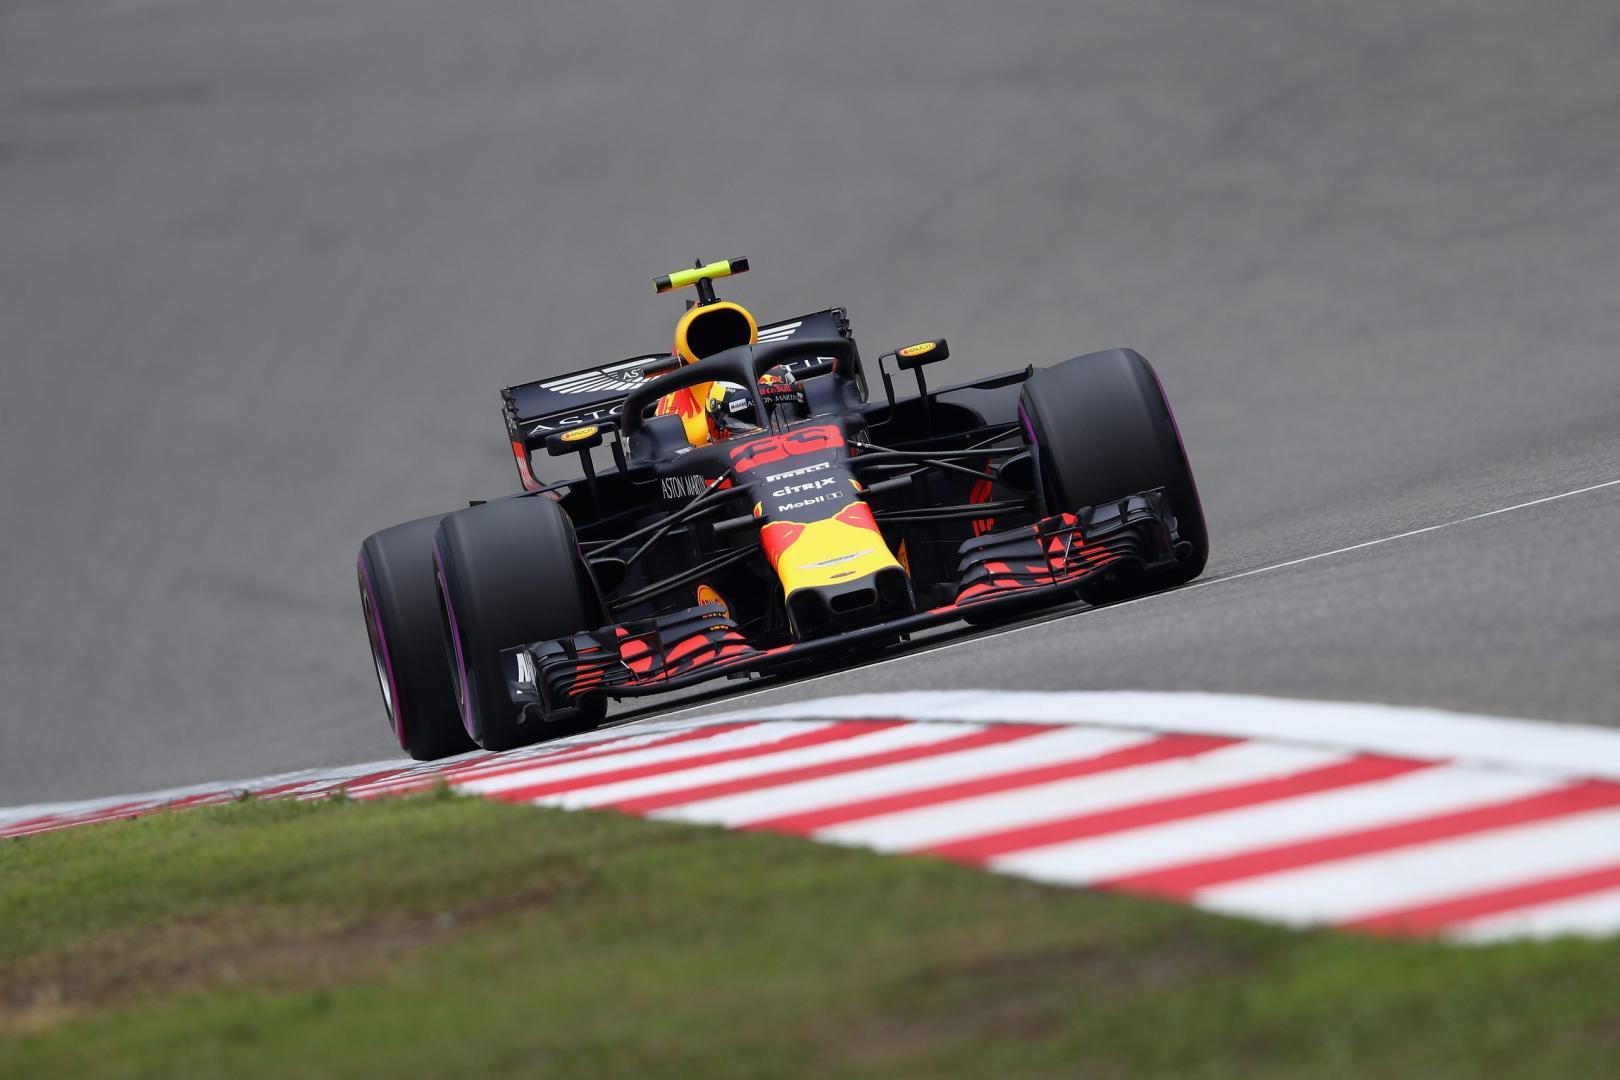 Uitslag van de GP van China 2018